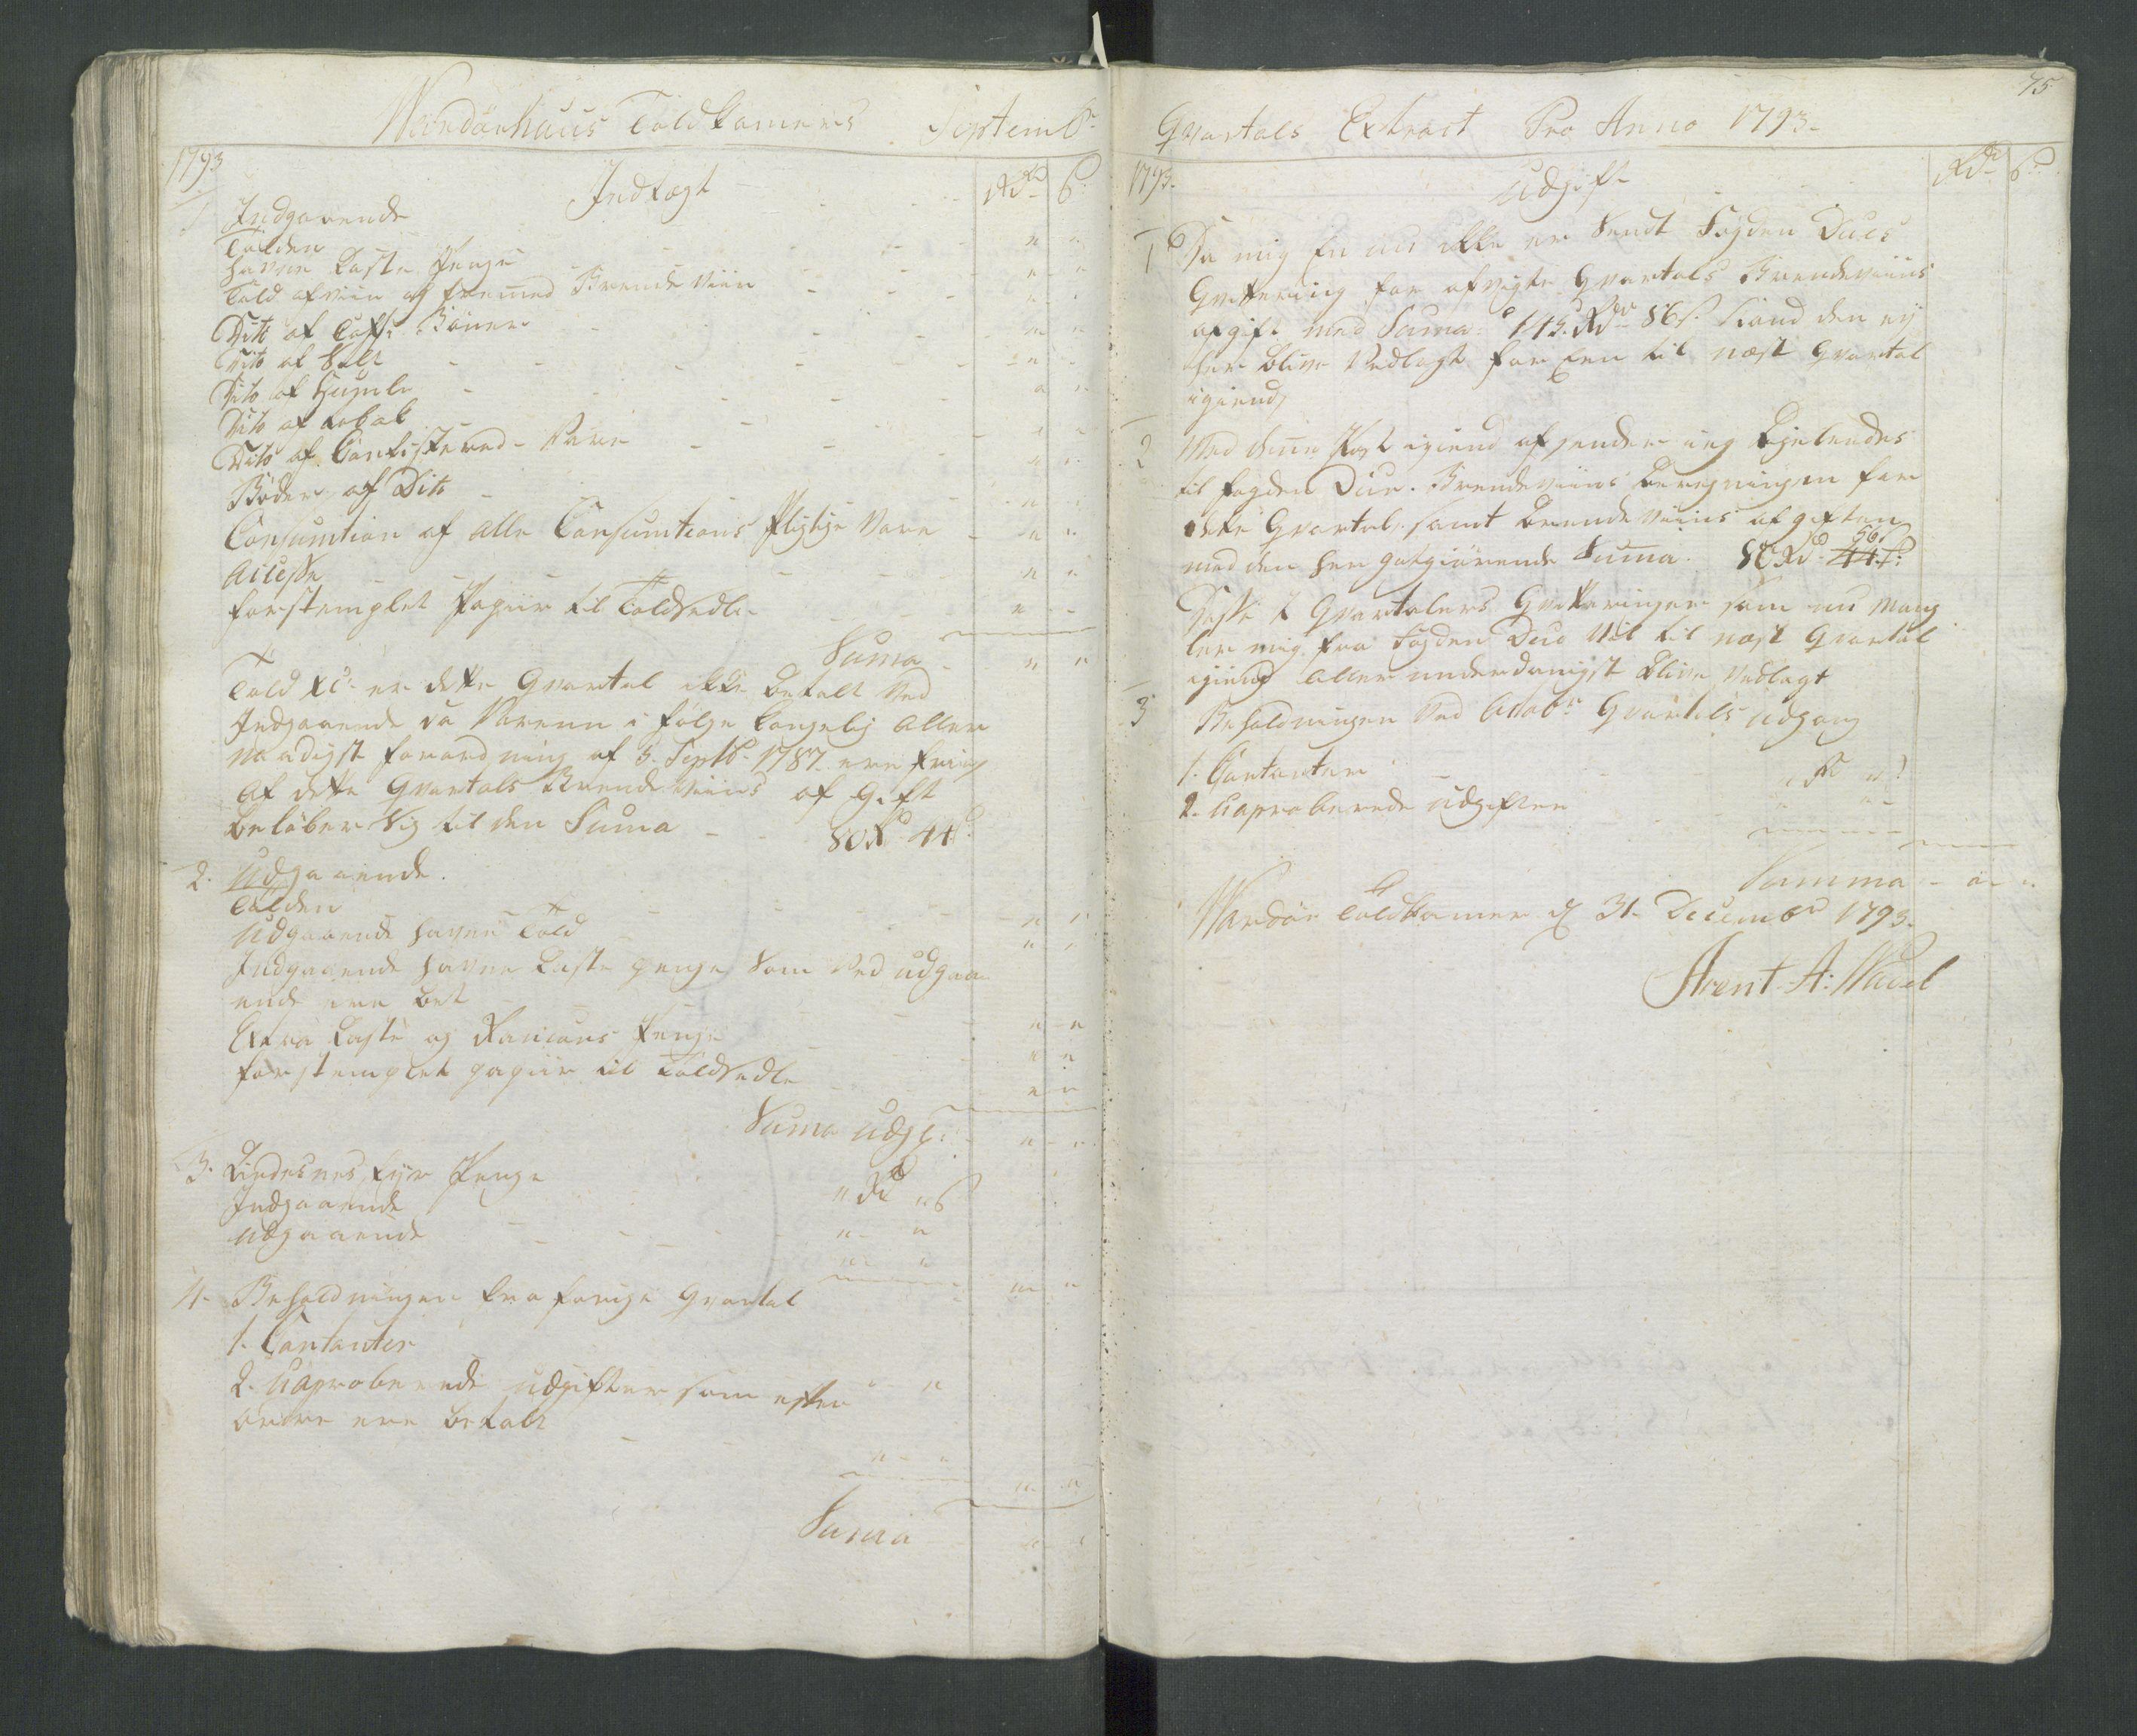 RA, Generaltollkammeret, tollregnskaper, R37/L0001: Tollregnskaper Vardø, 1789-1794, s. 74b-75a